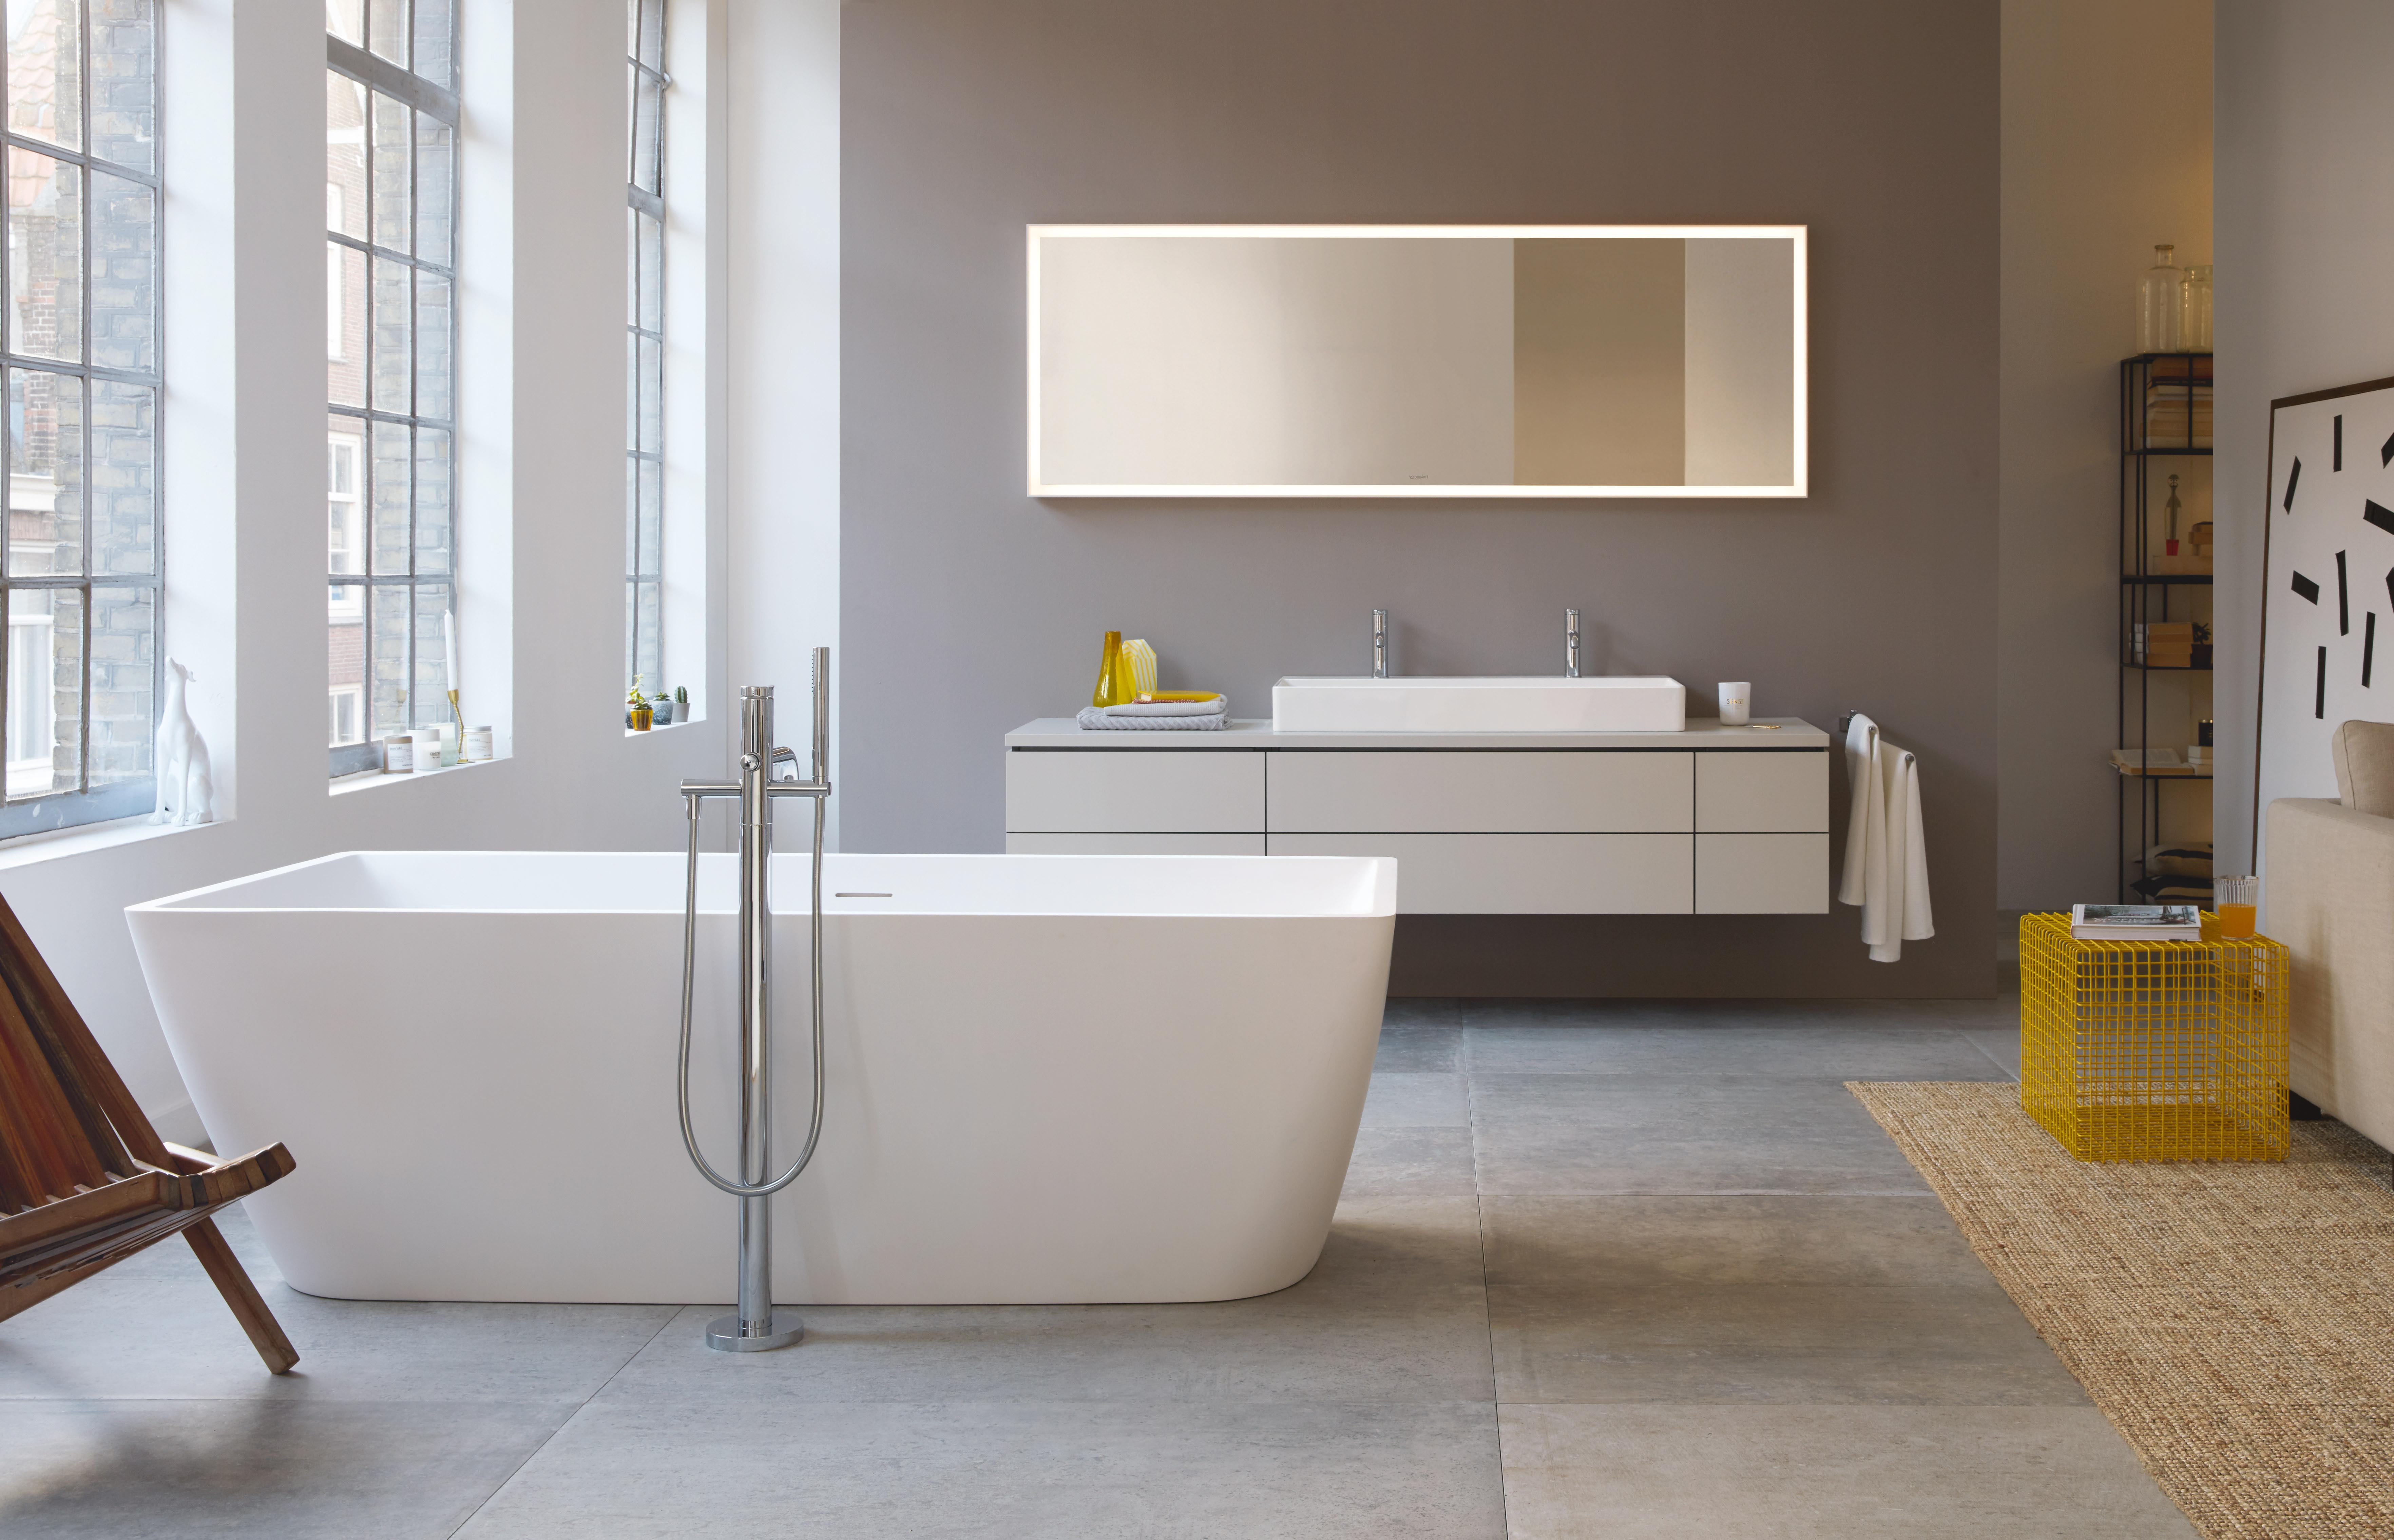 Miroir Salle De Bain Duravit ~ duravit salle de bain id es inspir es pour la maison lexib net